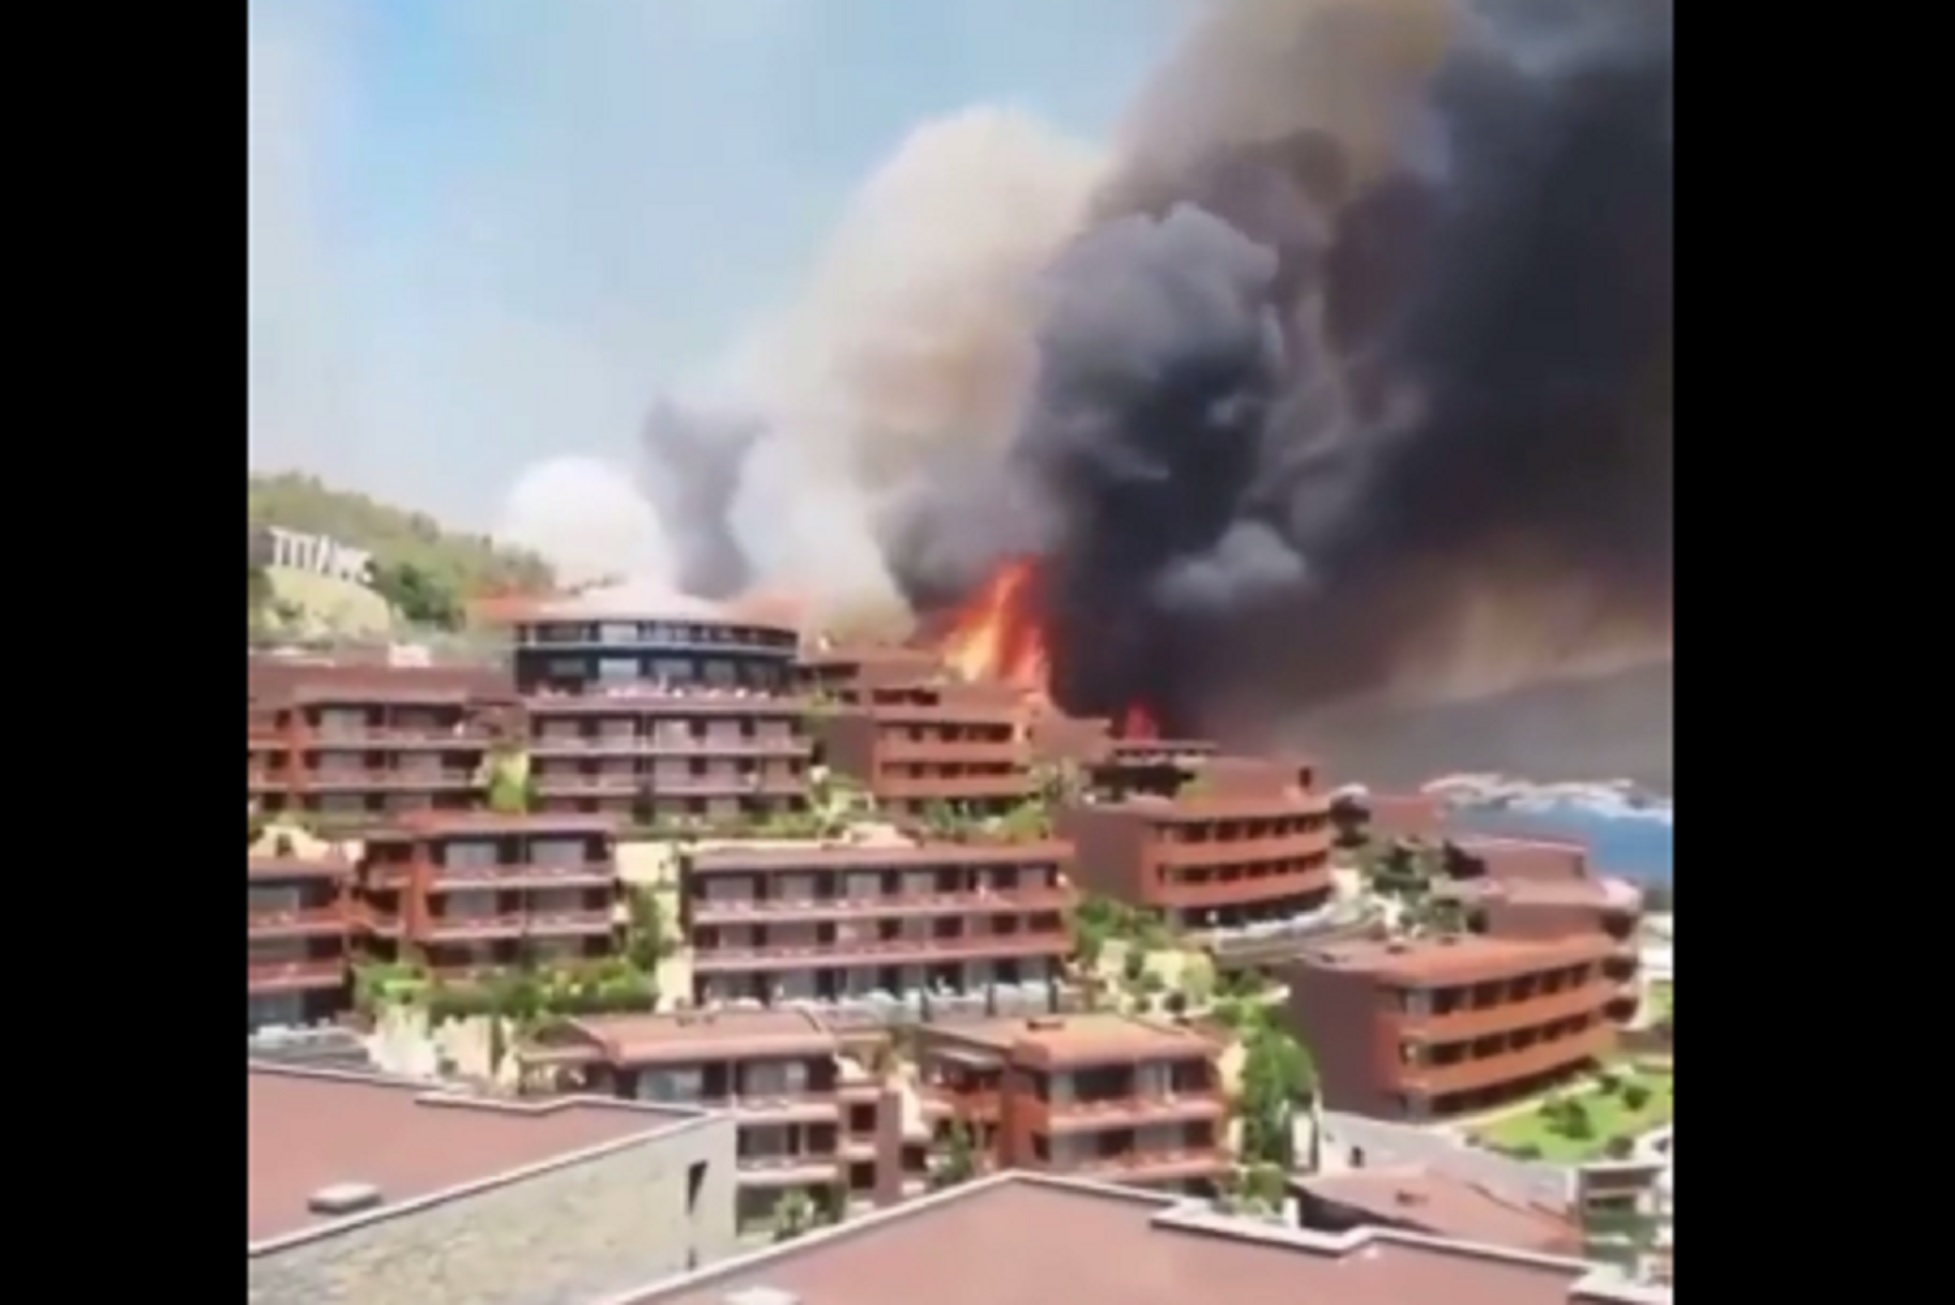 Τουρκία: Σε πύρινο κλοιό η Αλικαρνασσός – Βίντεο με τις φλόγες να ακουμπούν ξενοδοχείο